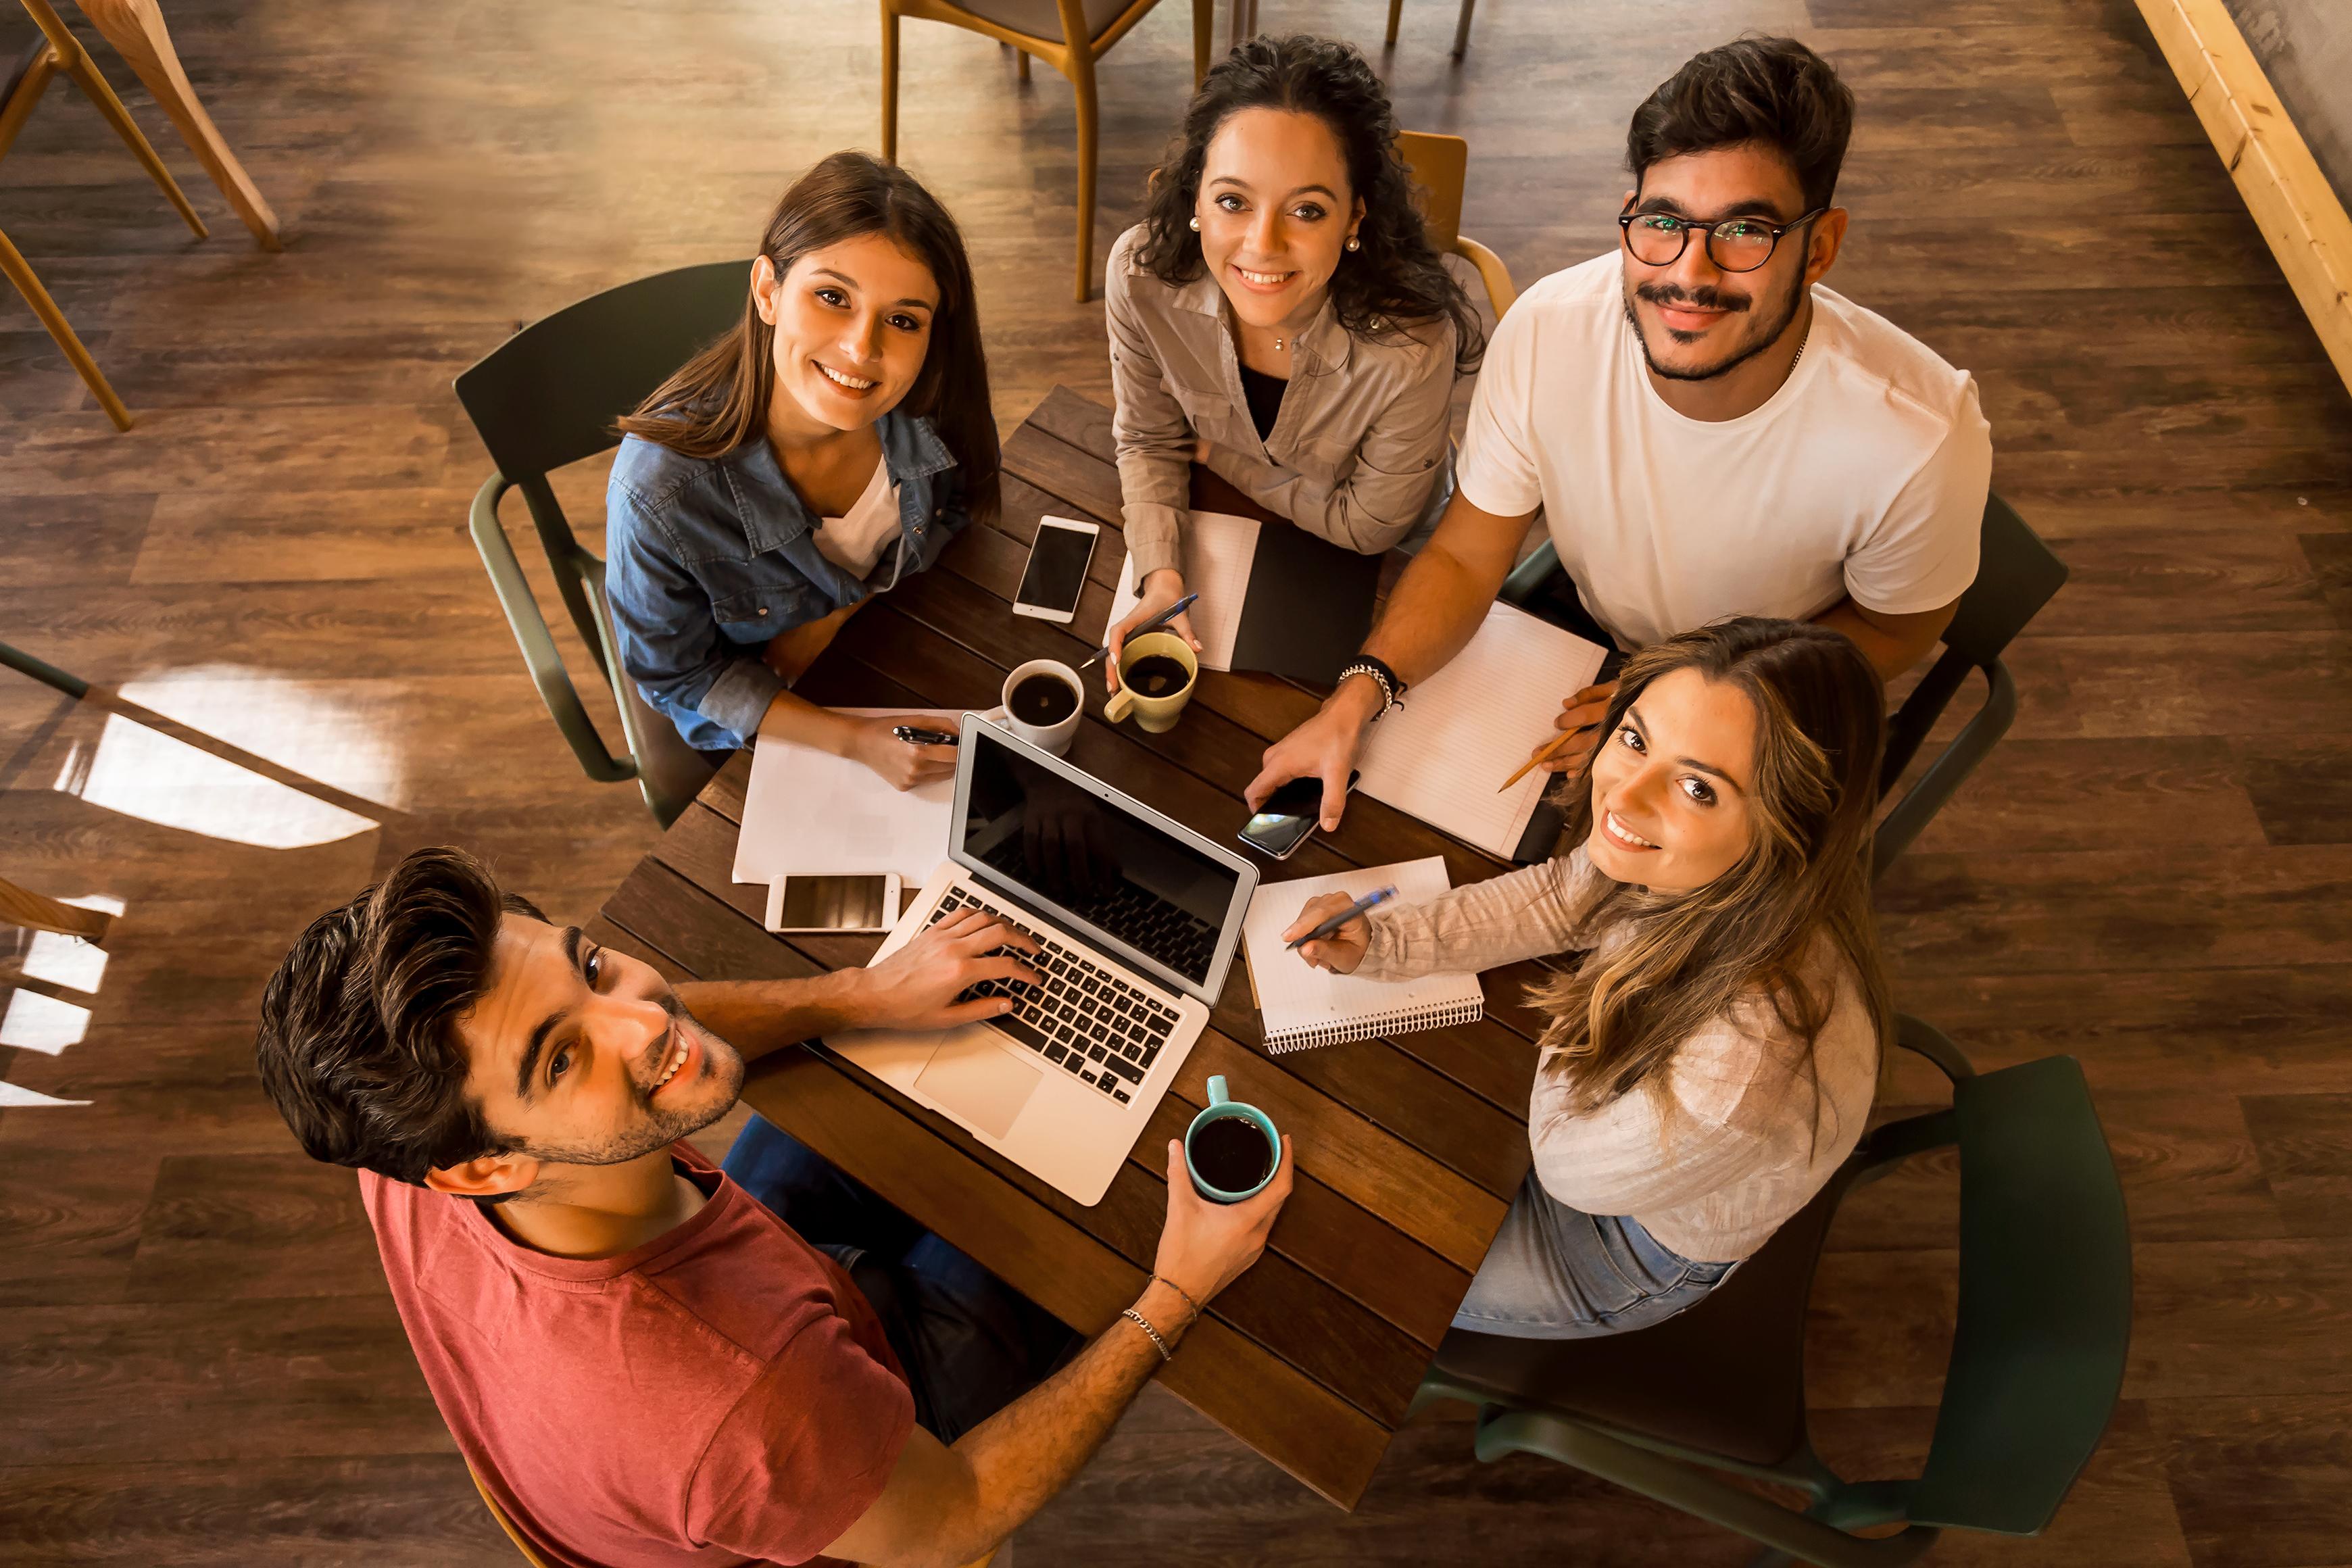 25 febbraio 2021: Competenze acquisite attraverso la mobilità Erasmus+